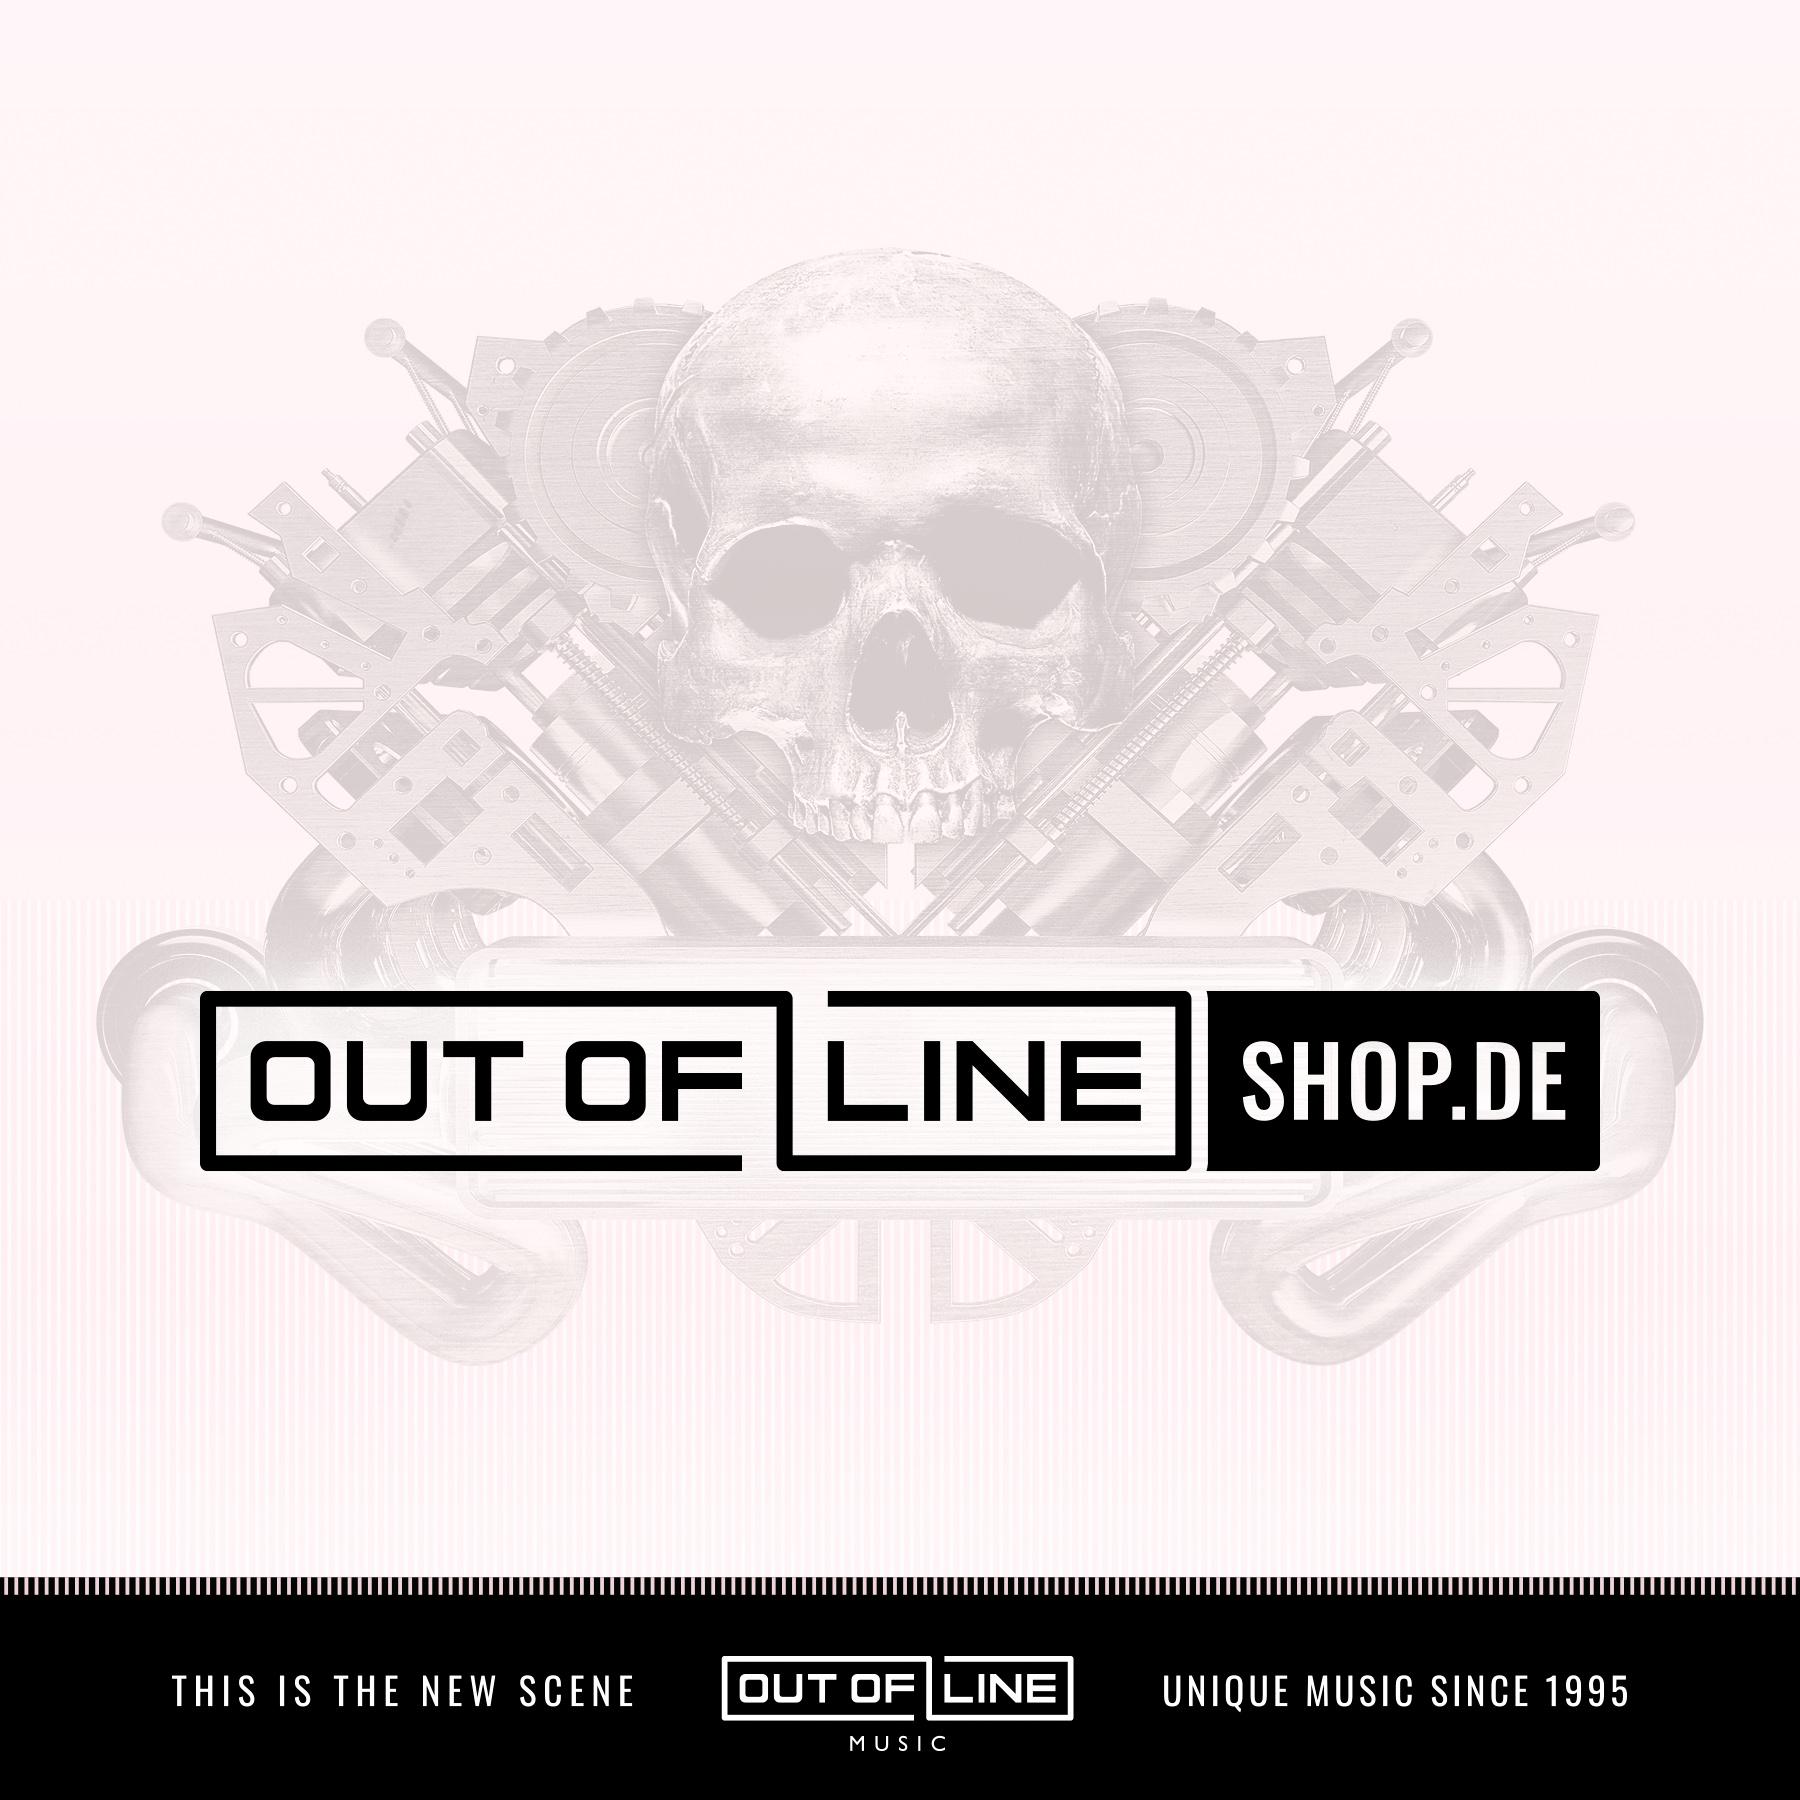 Projekt 26 - Violets and Violence - CD